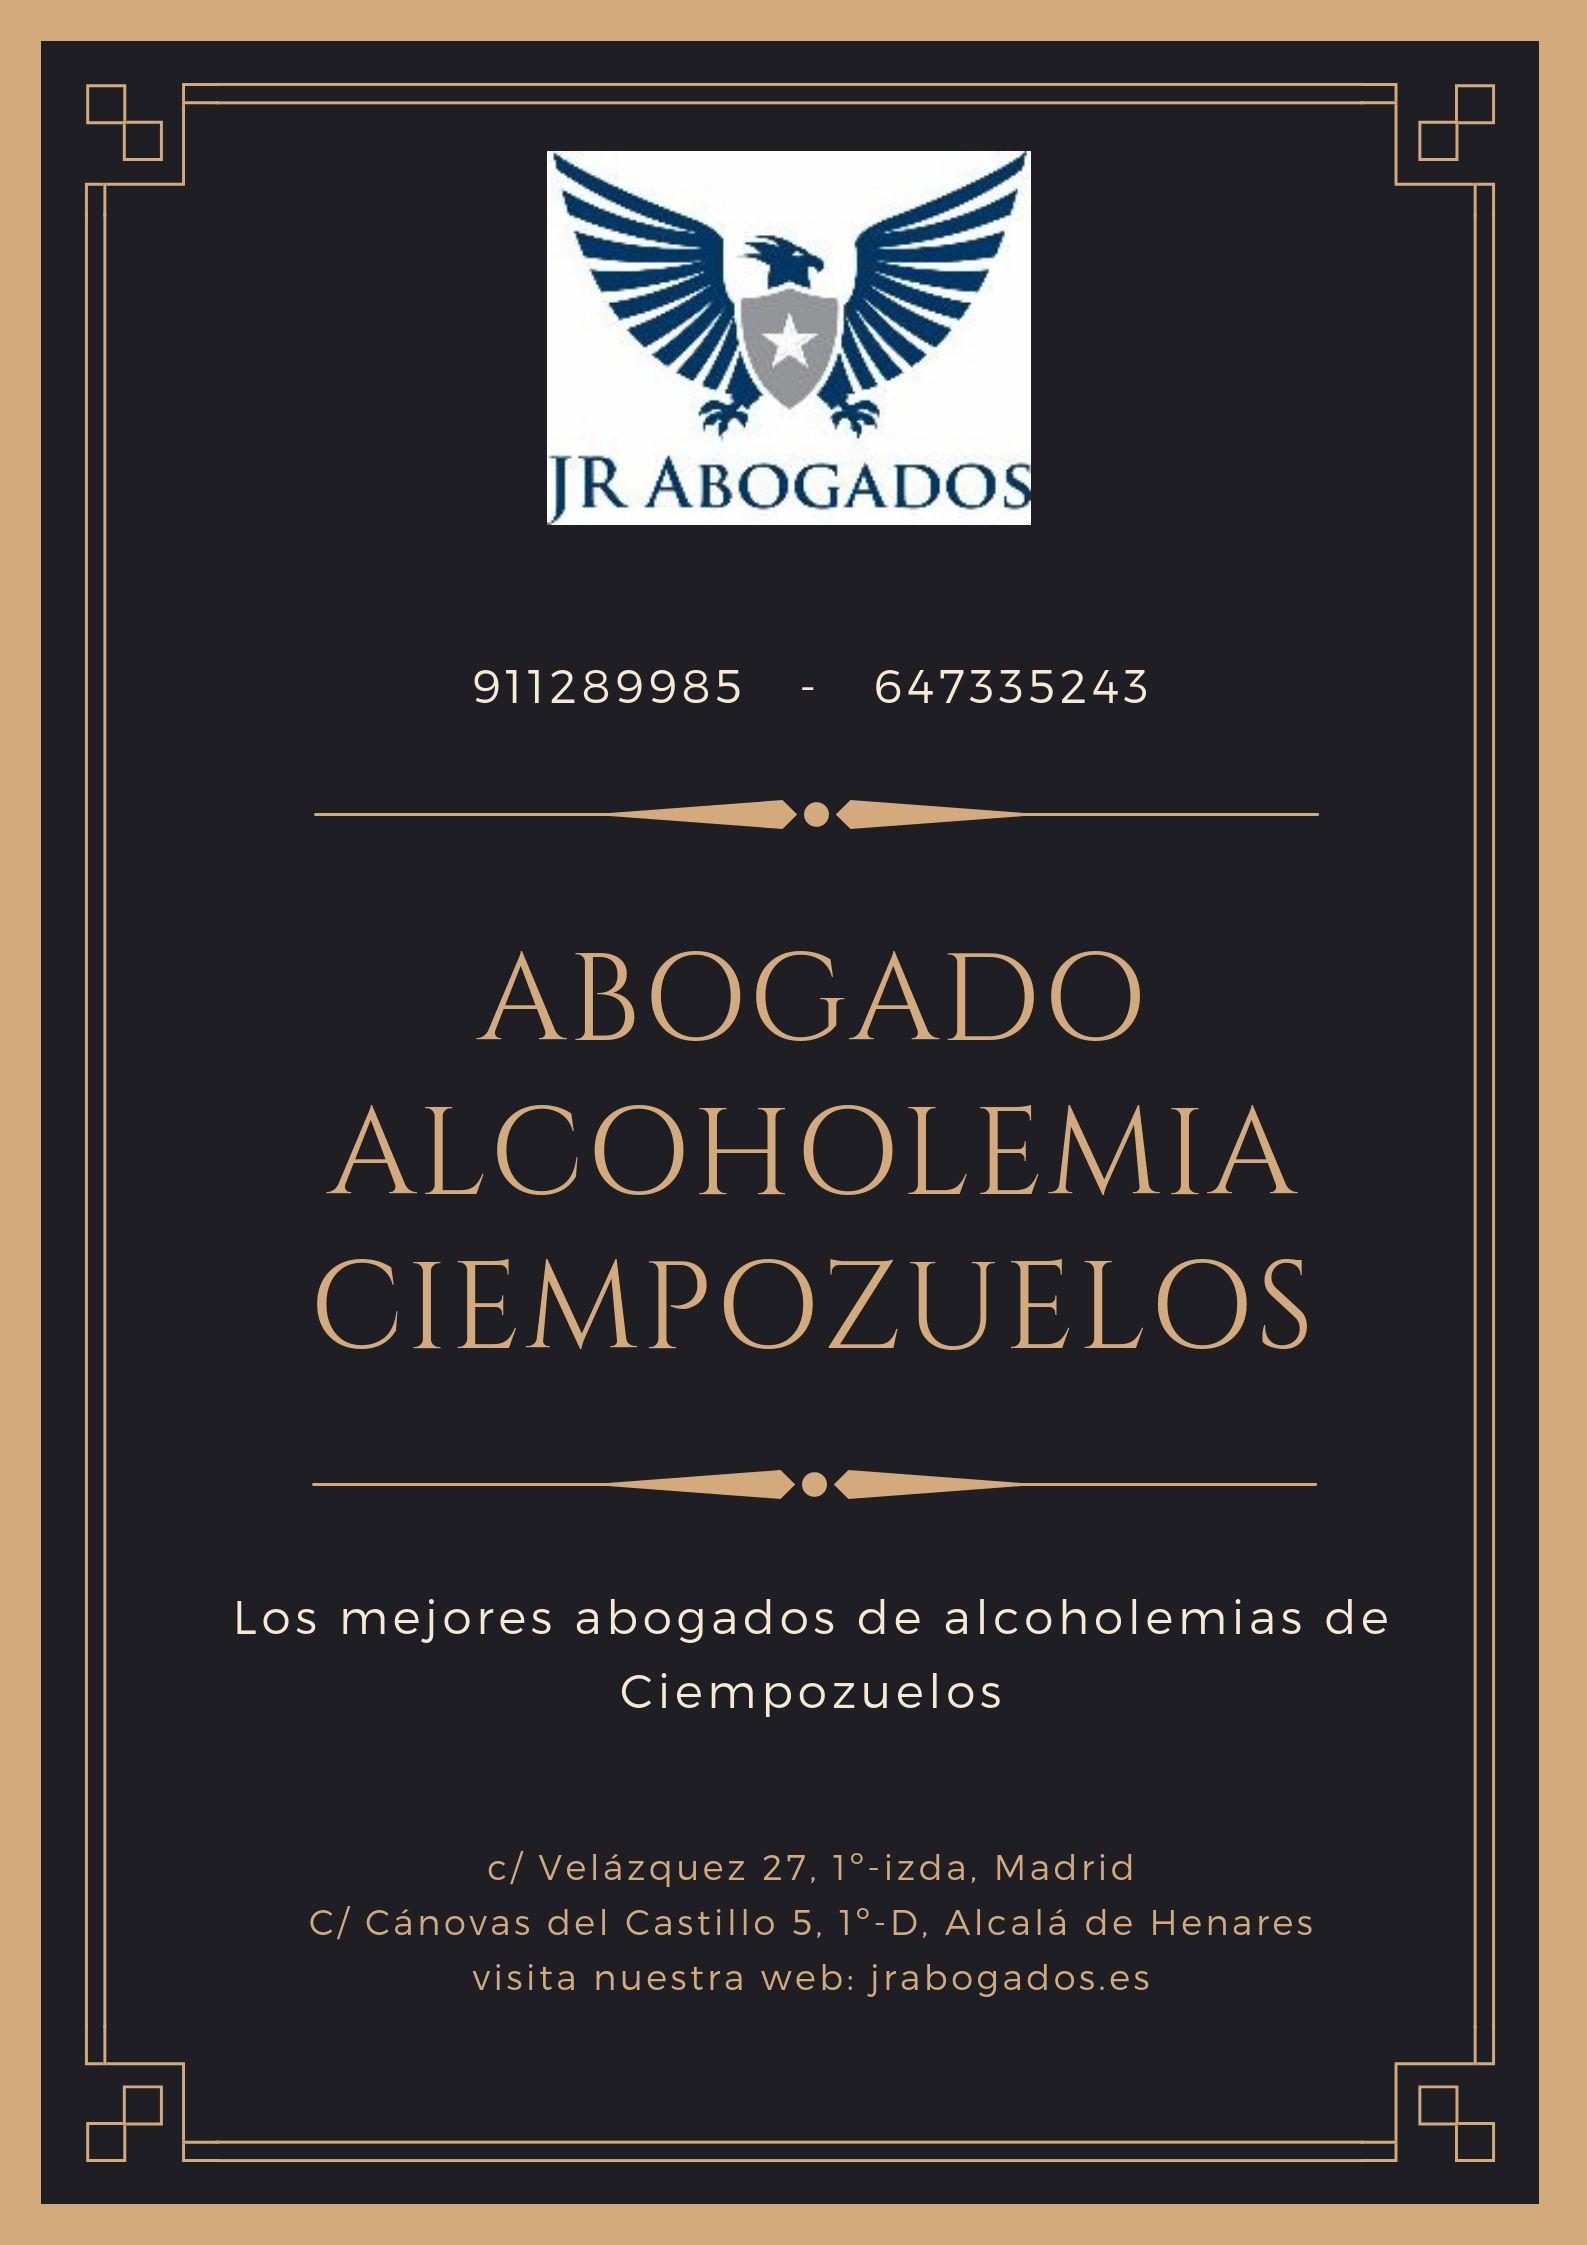 abogado.alcoholemia.ciempozuelos